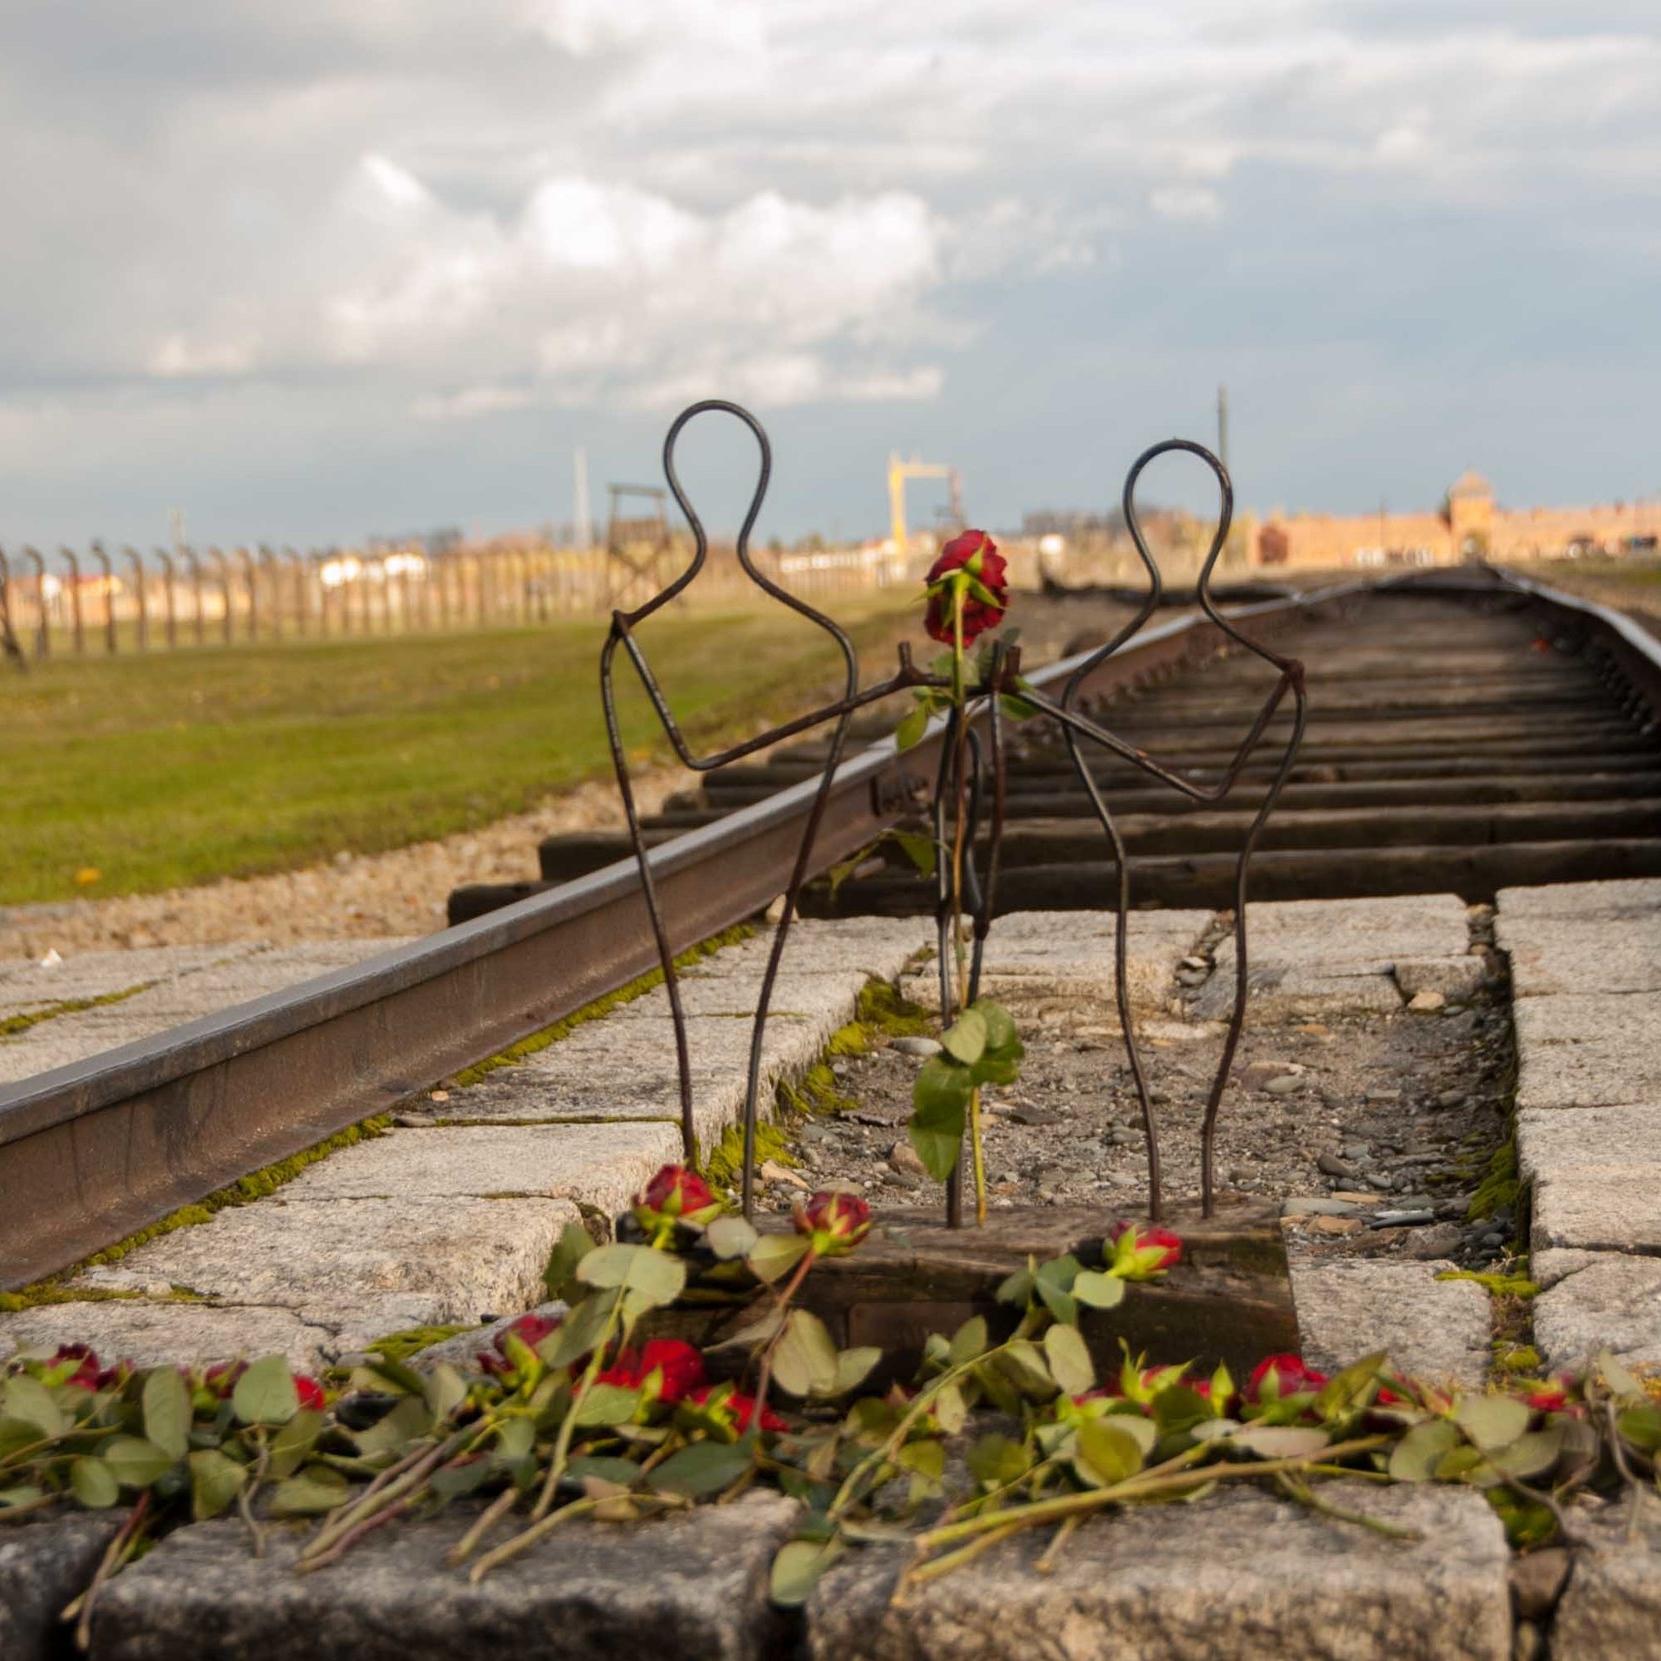 Poland - Krakow, Auschwitz, Birkenau